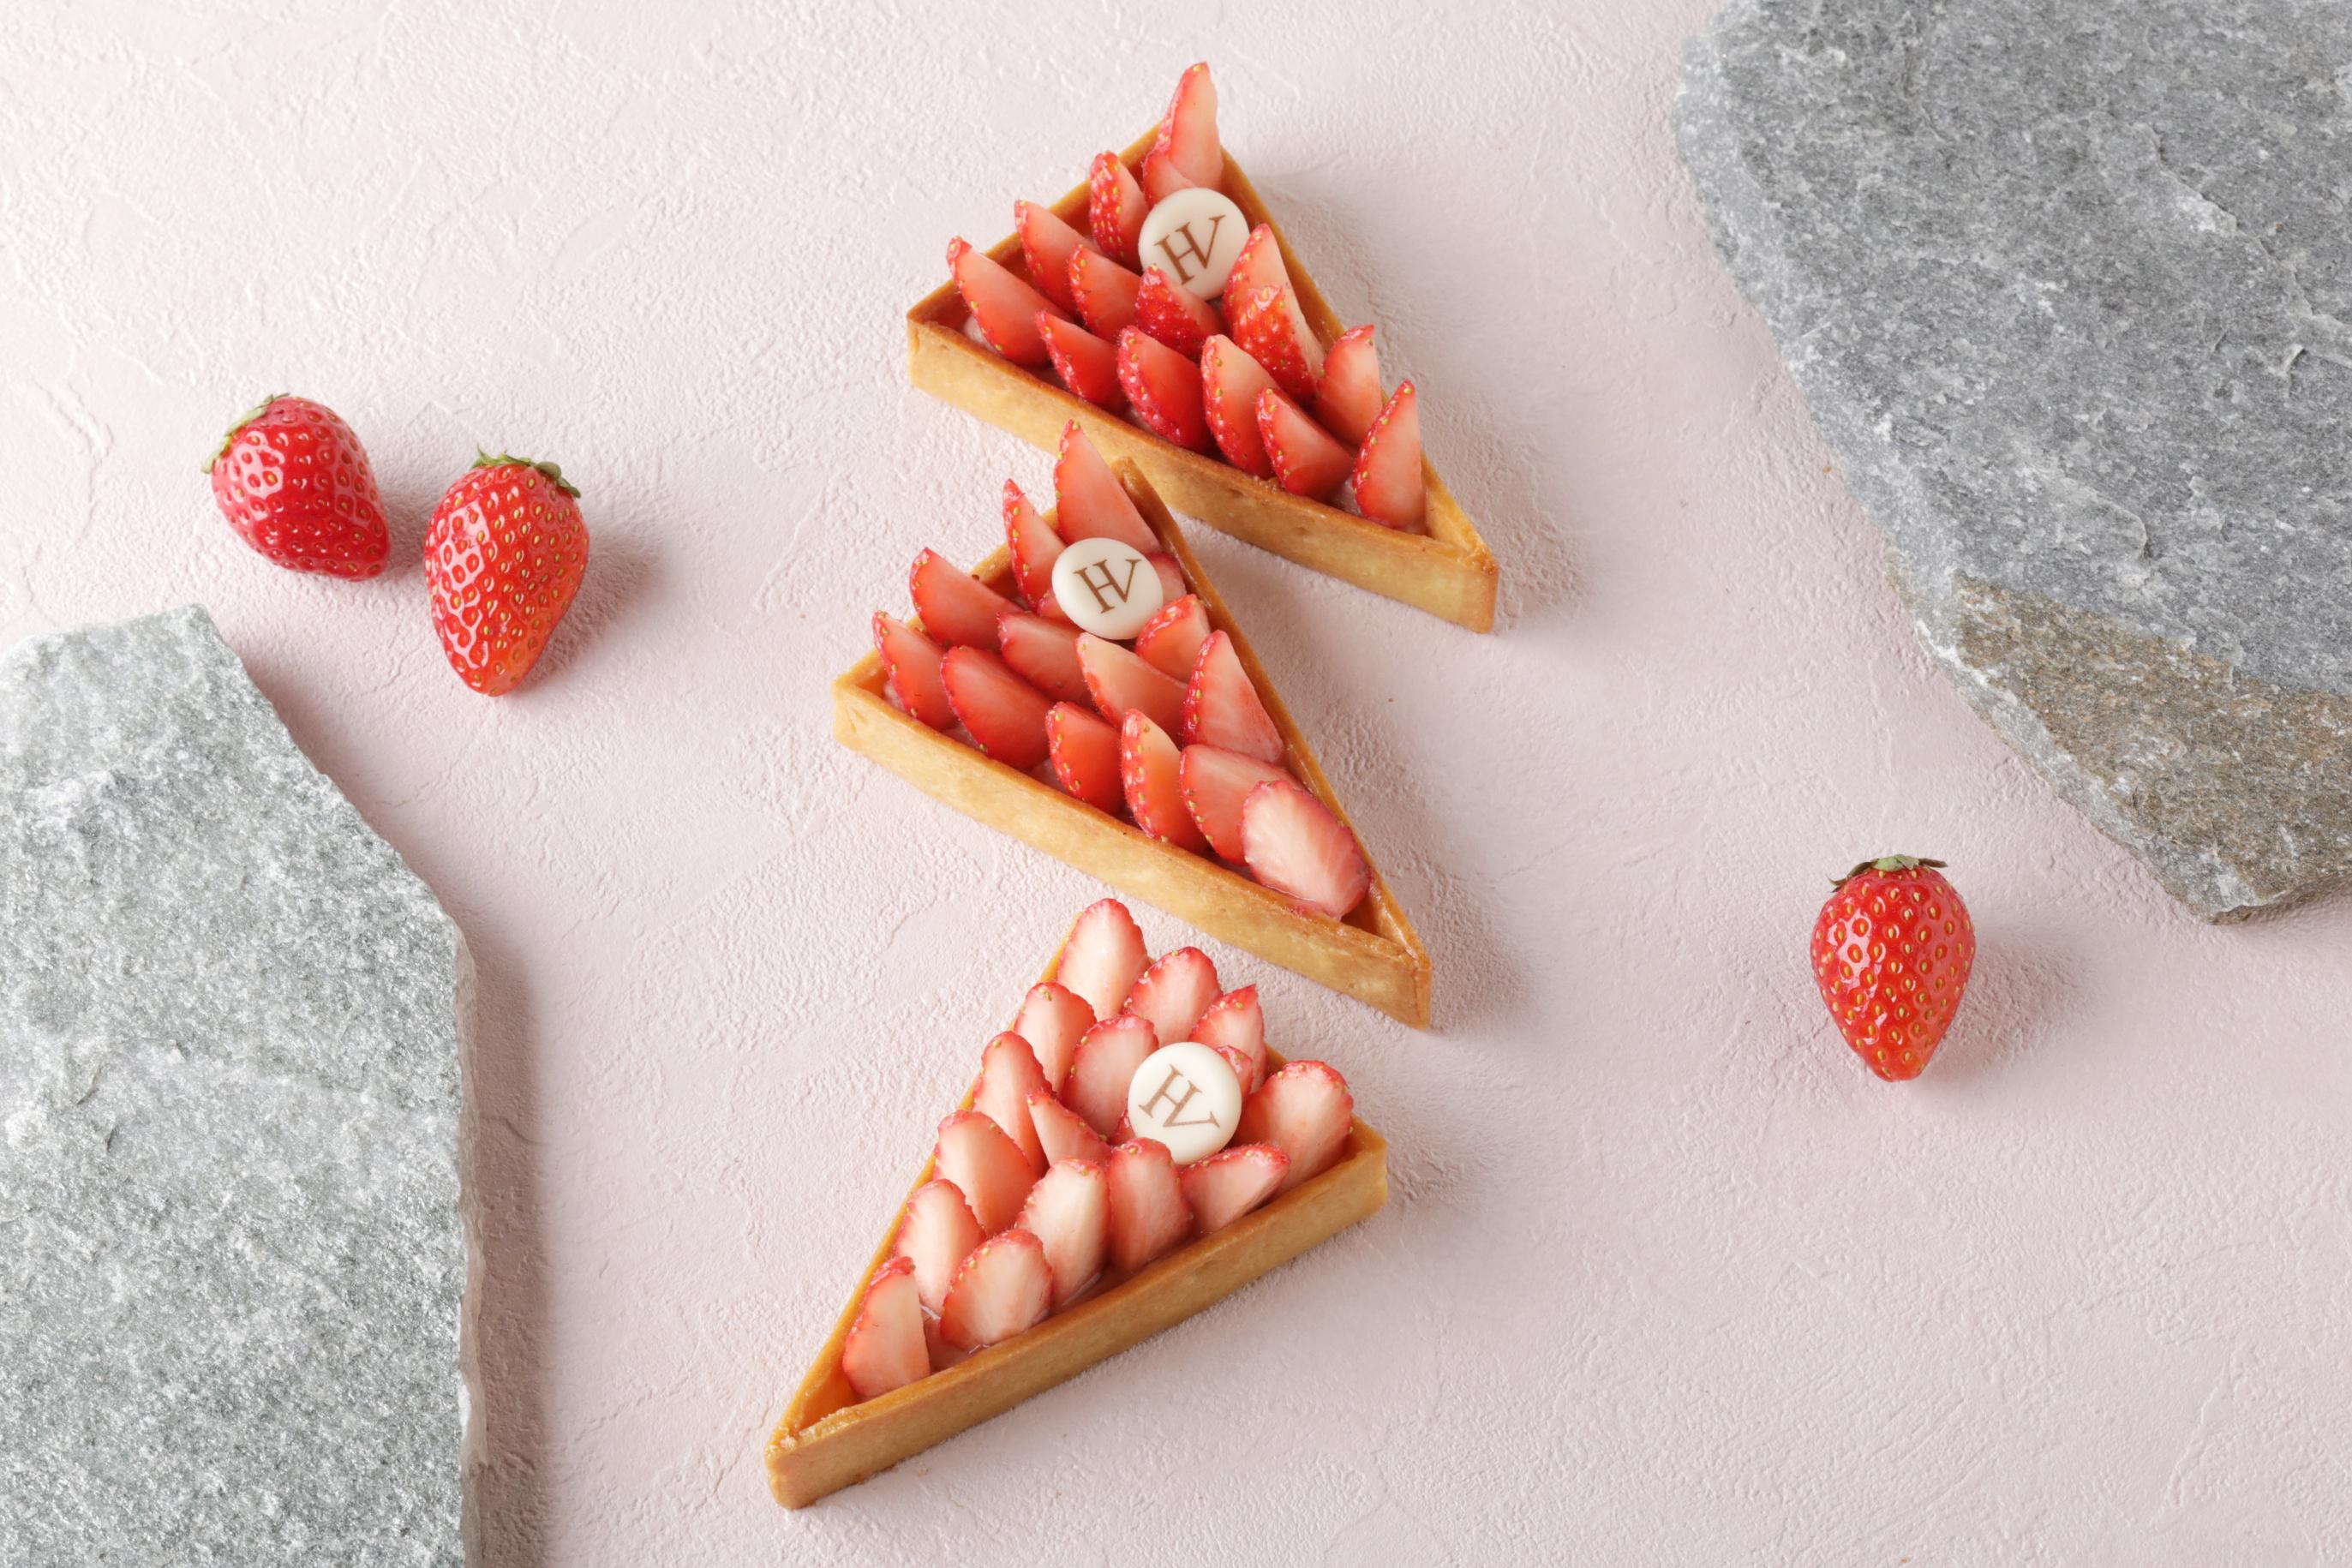 春を先取り!フランス・パリ発の「HUGO&VICTOR」で旬のイチゴスイーツを楽しもう! - hugo sweets 4